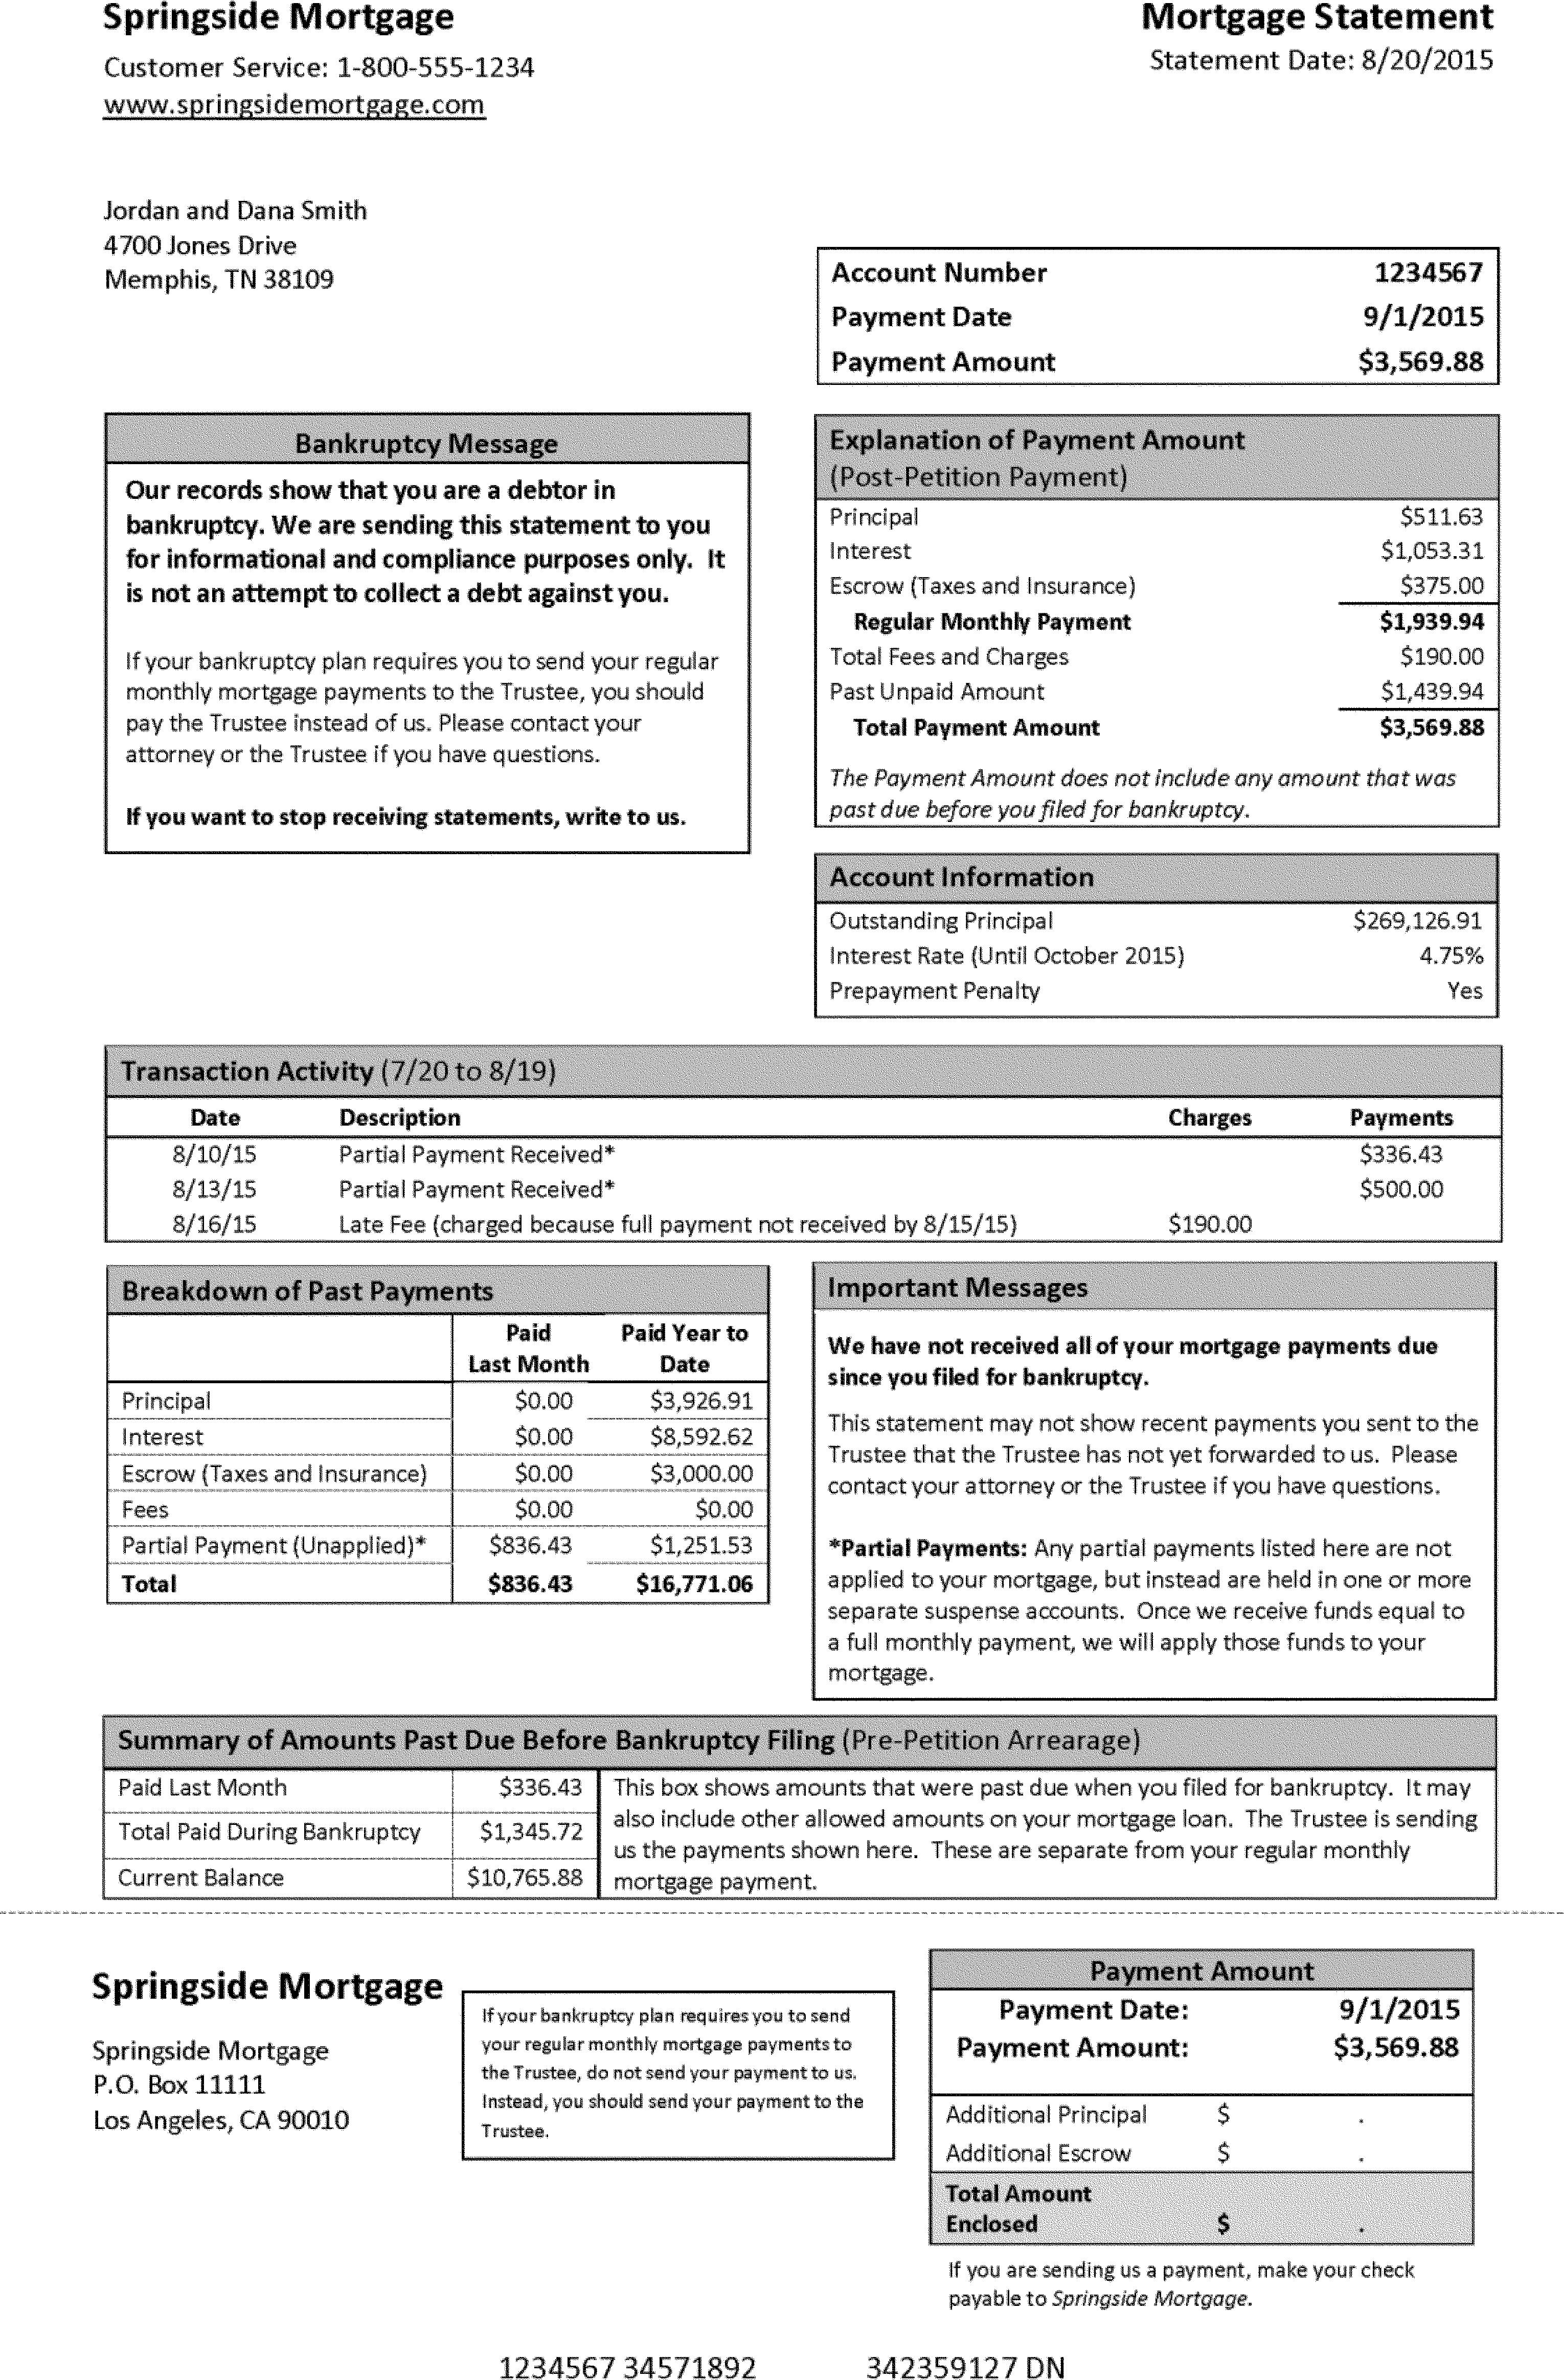 image-H-30-F